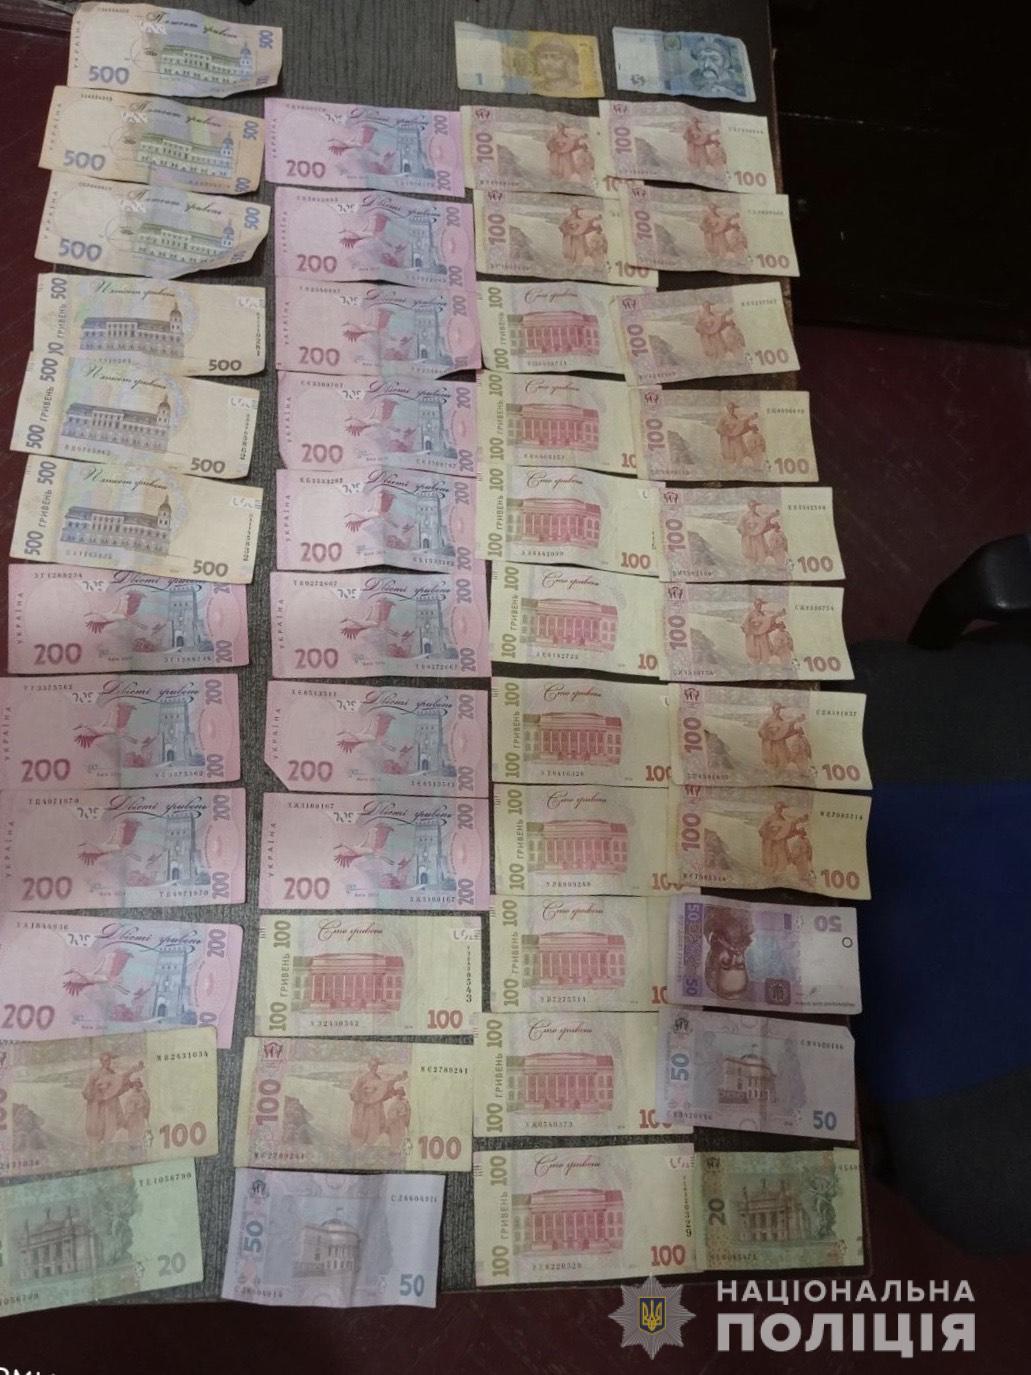 Із сумки працівниці кав'ярні у Міжгір'ї чоловік викрав 10 тис грн